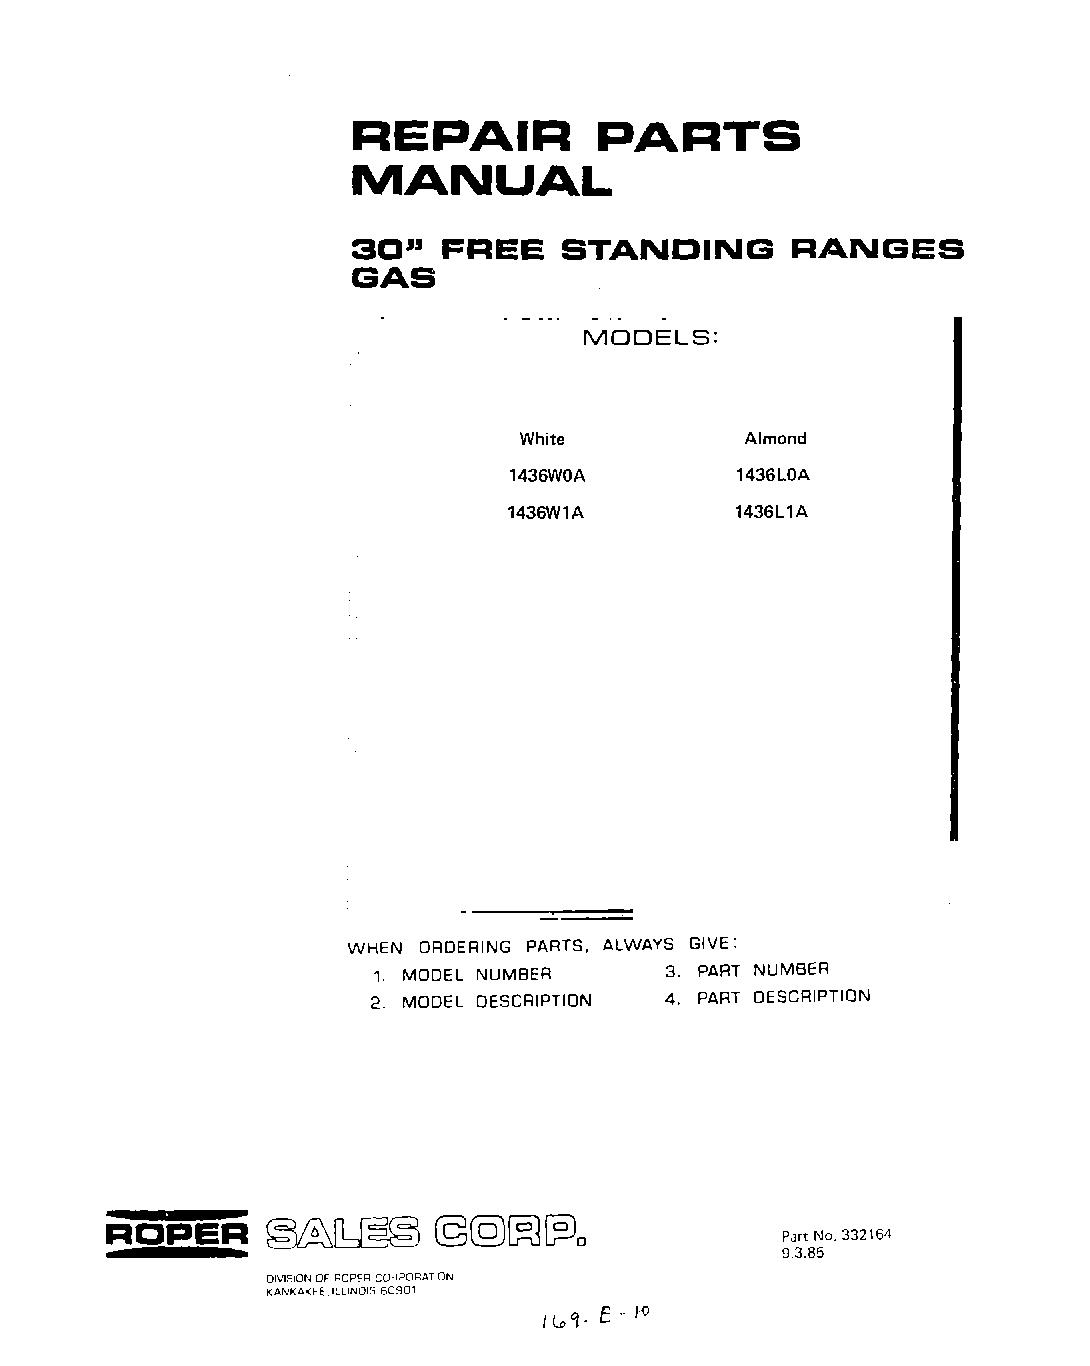 1436W1A